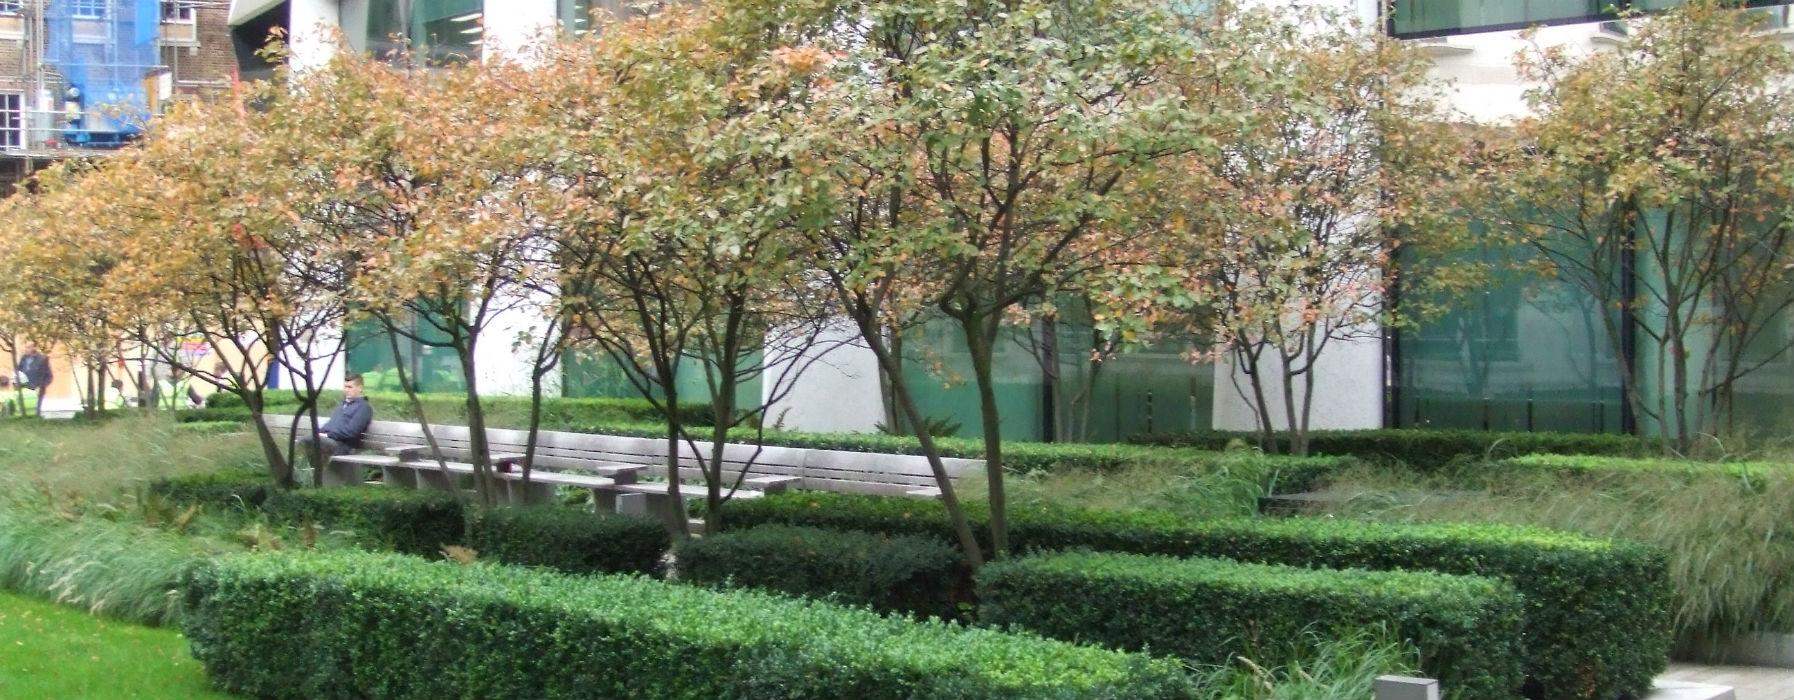 Manutenzione giardini condominiali progettazione e - Ufficio parchi e giardini milano ...